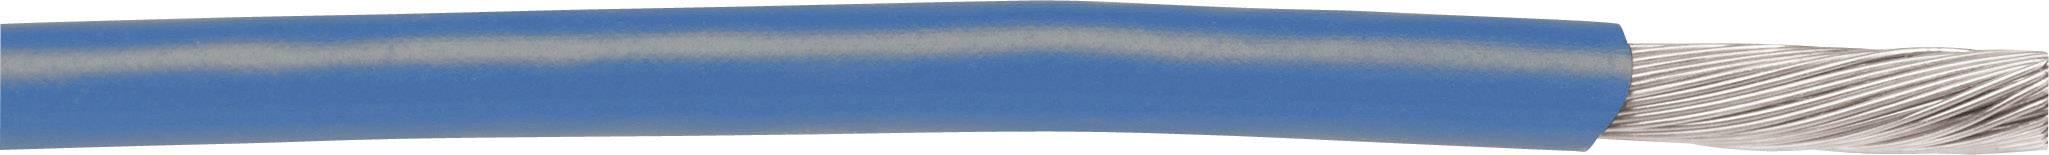 Opletenie / lanko AlphaWire 6712 EcoWire, 1 x 0.20 mm², vonkajší Ø 1.09 mm, 30.5 m, modrá